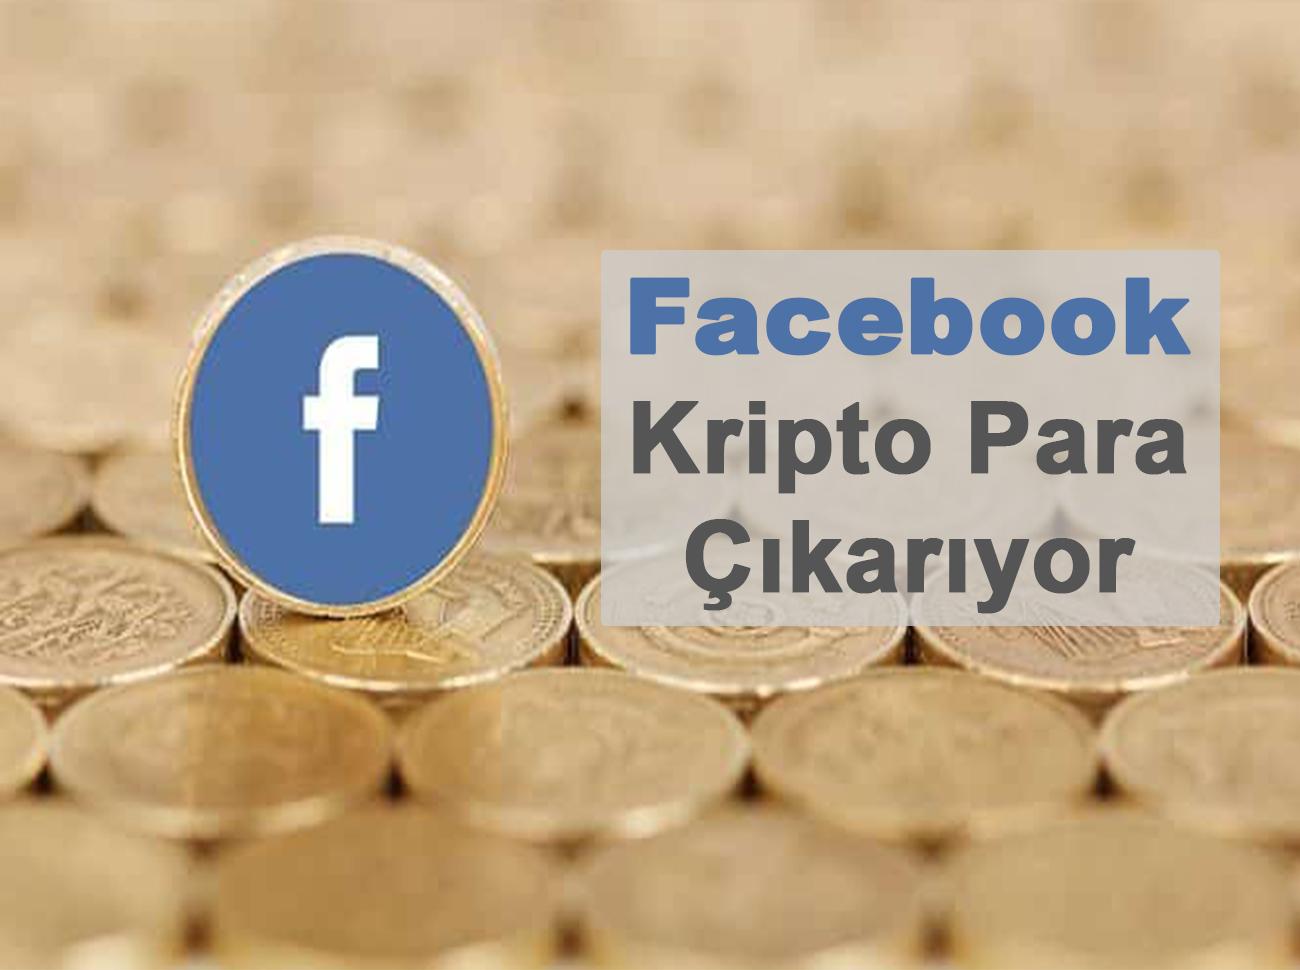 Facebook Kripto Para Çıkarıyor